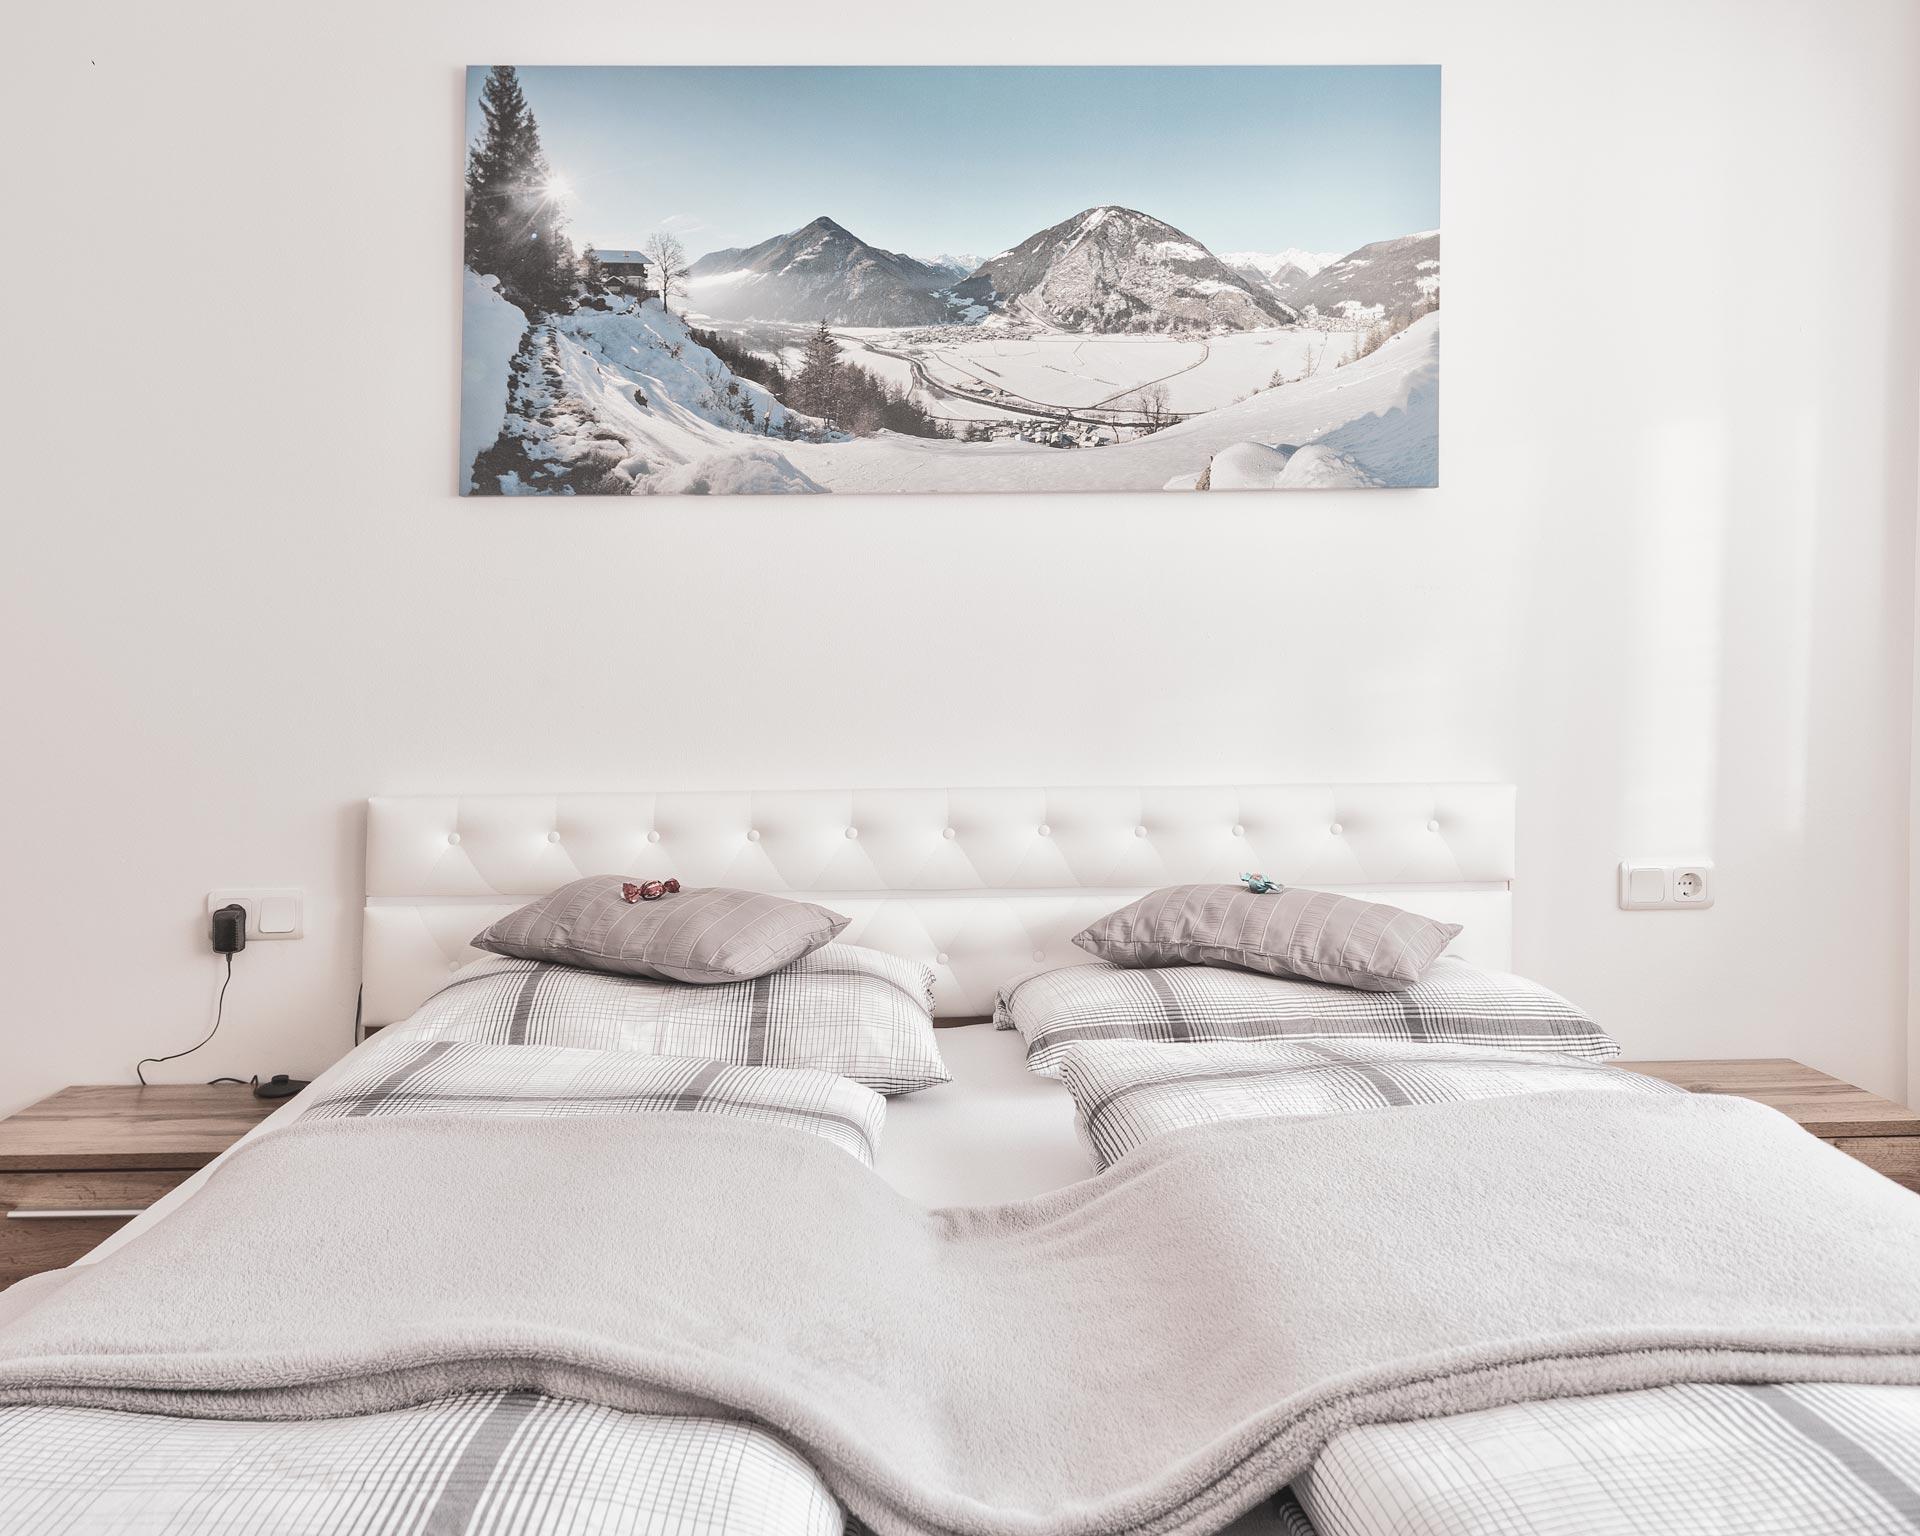 betten schlafzimmer chalet waldblick 2 appartements pfarrwirt sand in taufers